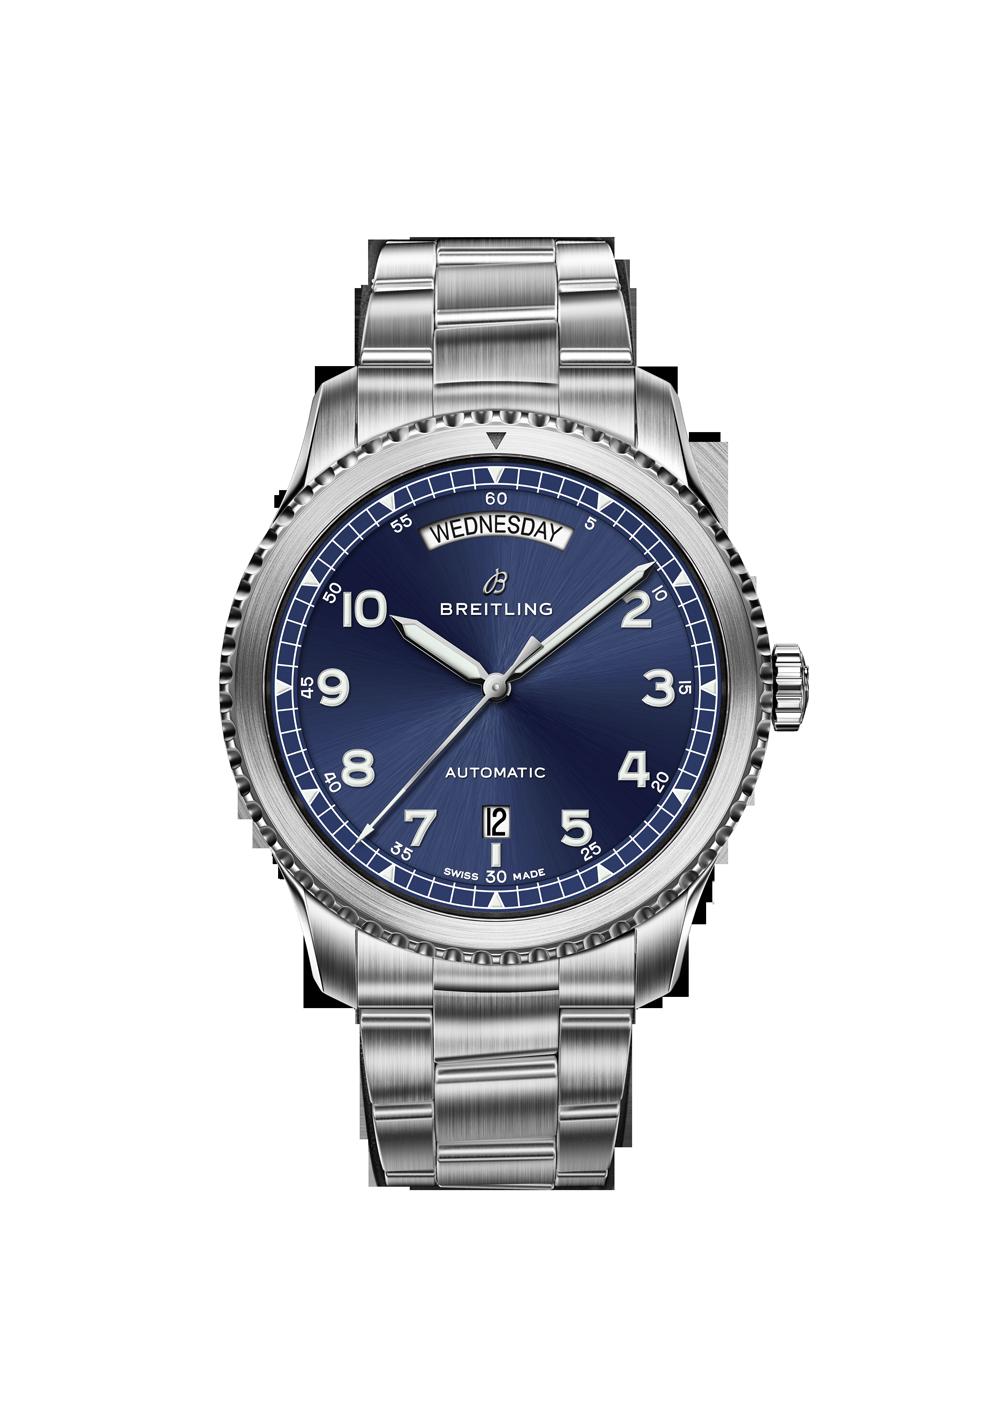 Breitling Navitimer 8 Day Date mit blauem Zifferblatt und Stahlband bei Juwelier Hungeling